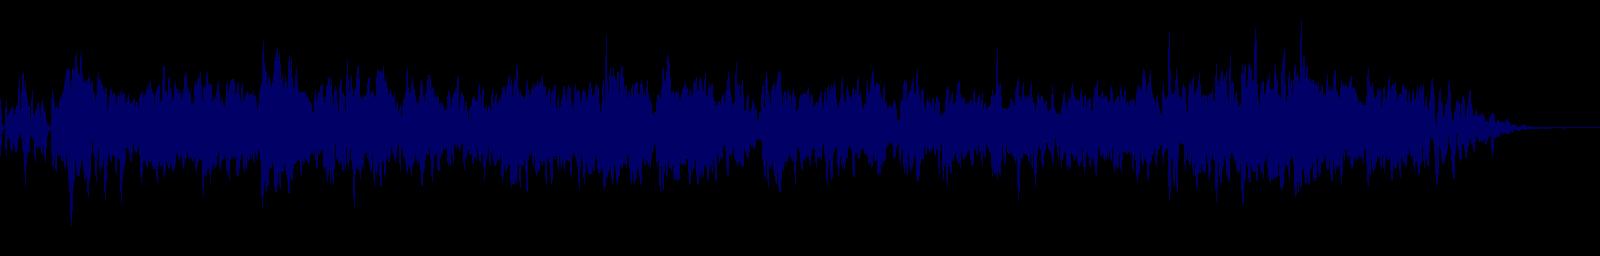 waveform of track #140629